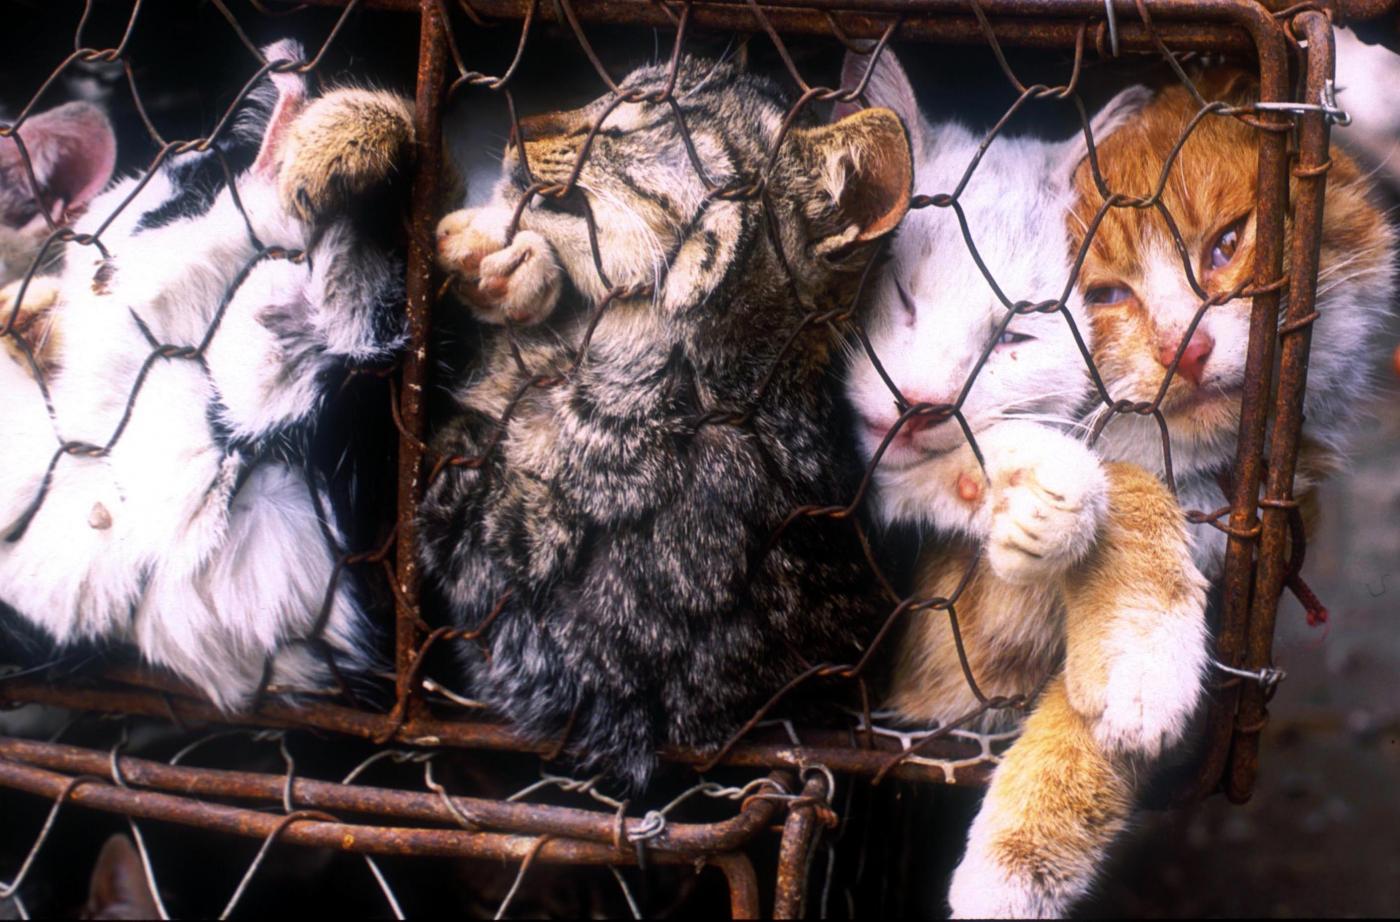 Taiwan, il consumo di carne di cane e di gatto è stato vietato: è il primo Paese asiatico